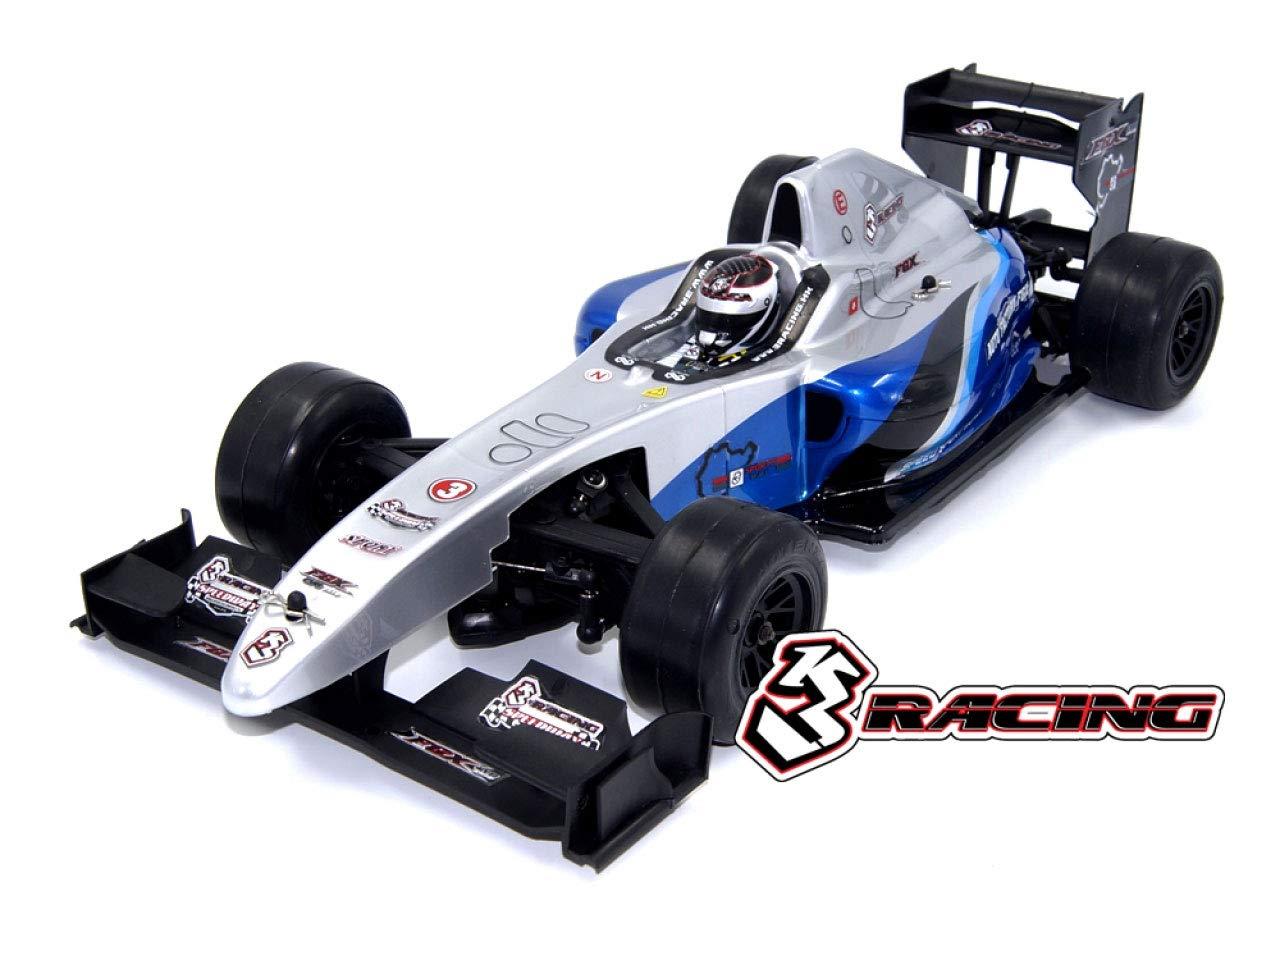 3レーシング KIT-FGX-EVO2018/BU FGX-EVO20181/10 スケールフォーミュラーワンEPカーキット(ブルーボディ) (スリーレーシング) B07KCB23DY